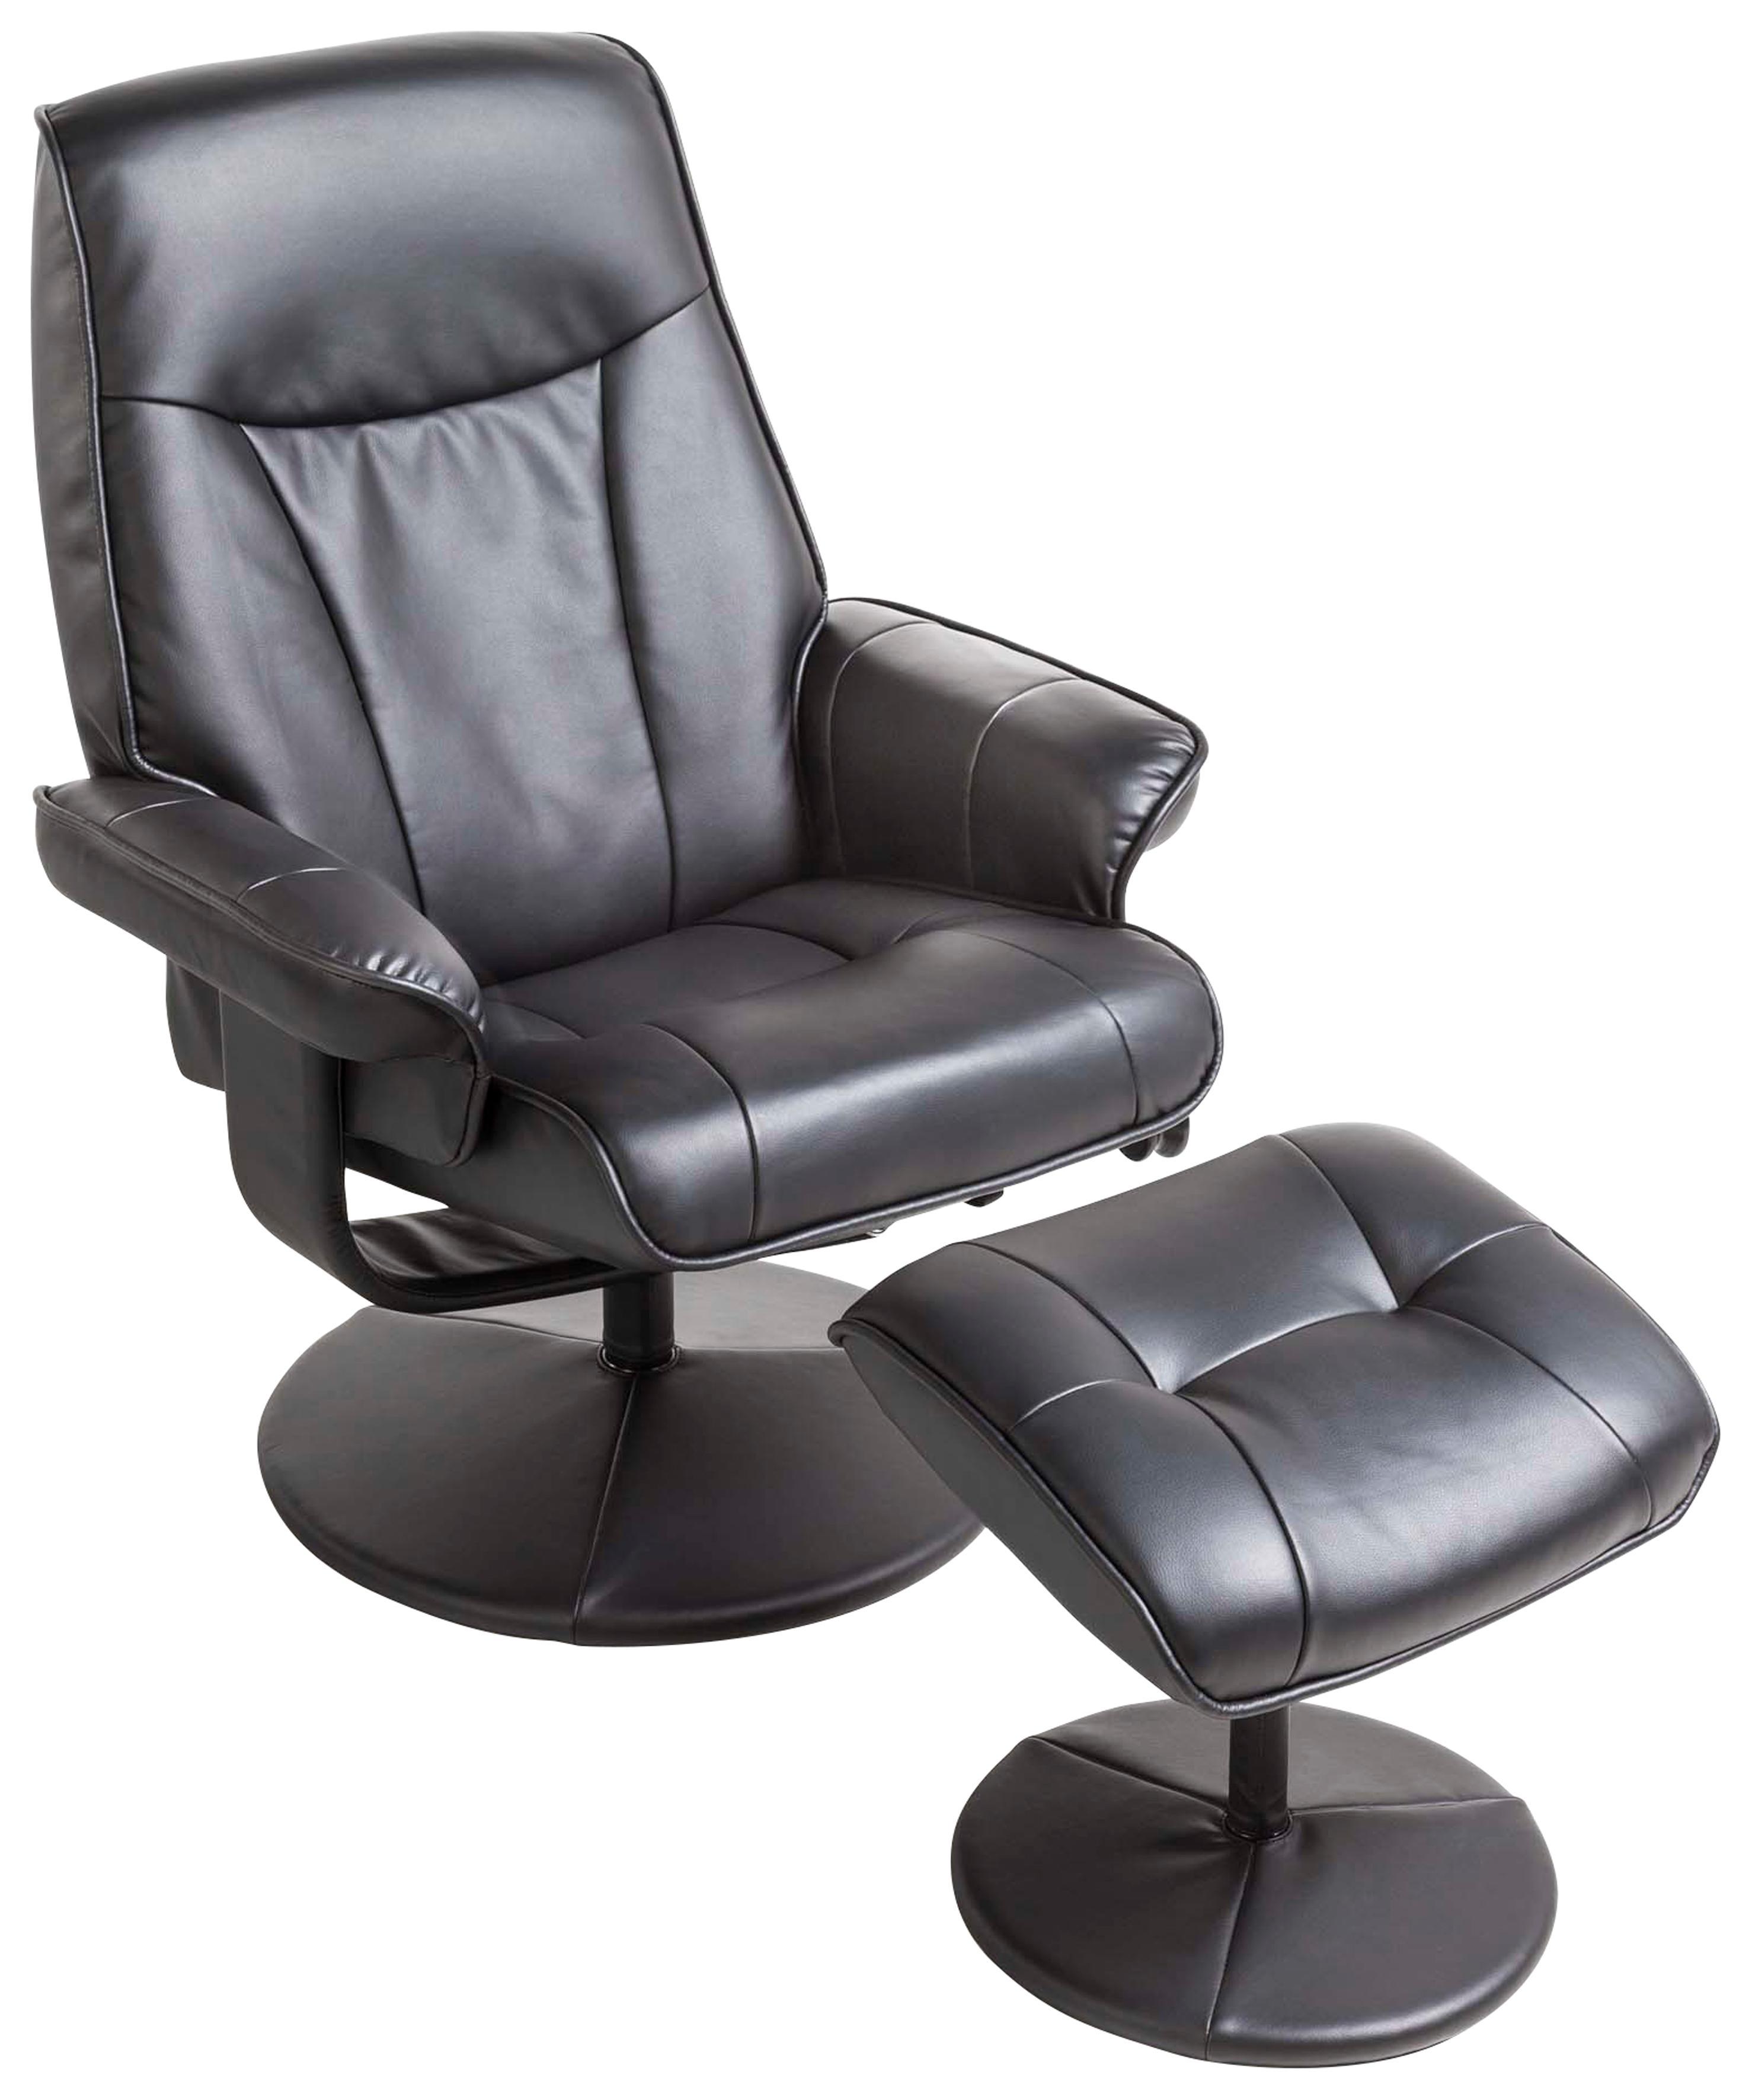 Massagesessel | Wohnzimmer > Sessel > Massagesessel | Schwarz | QUELLE